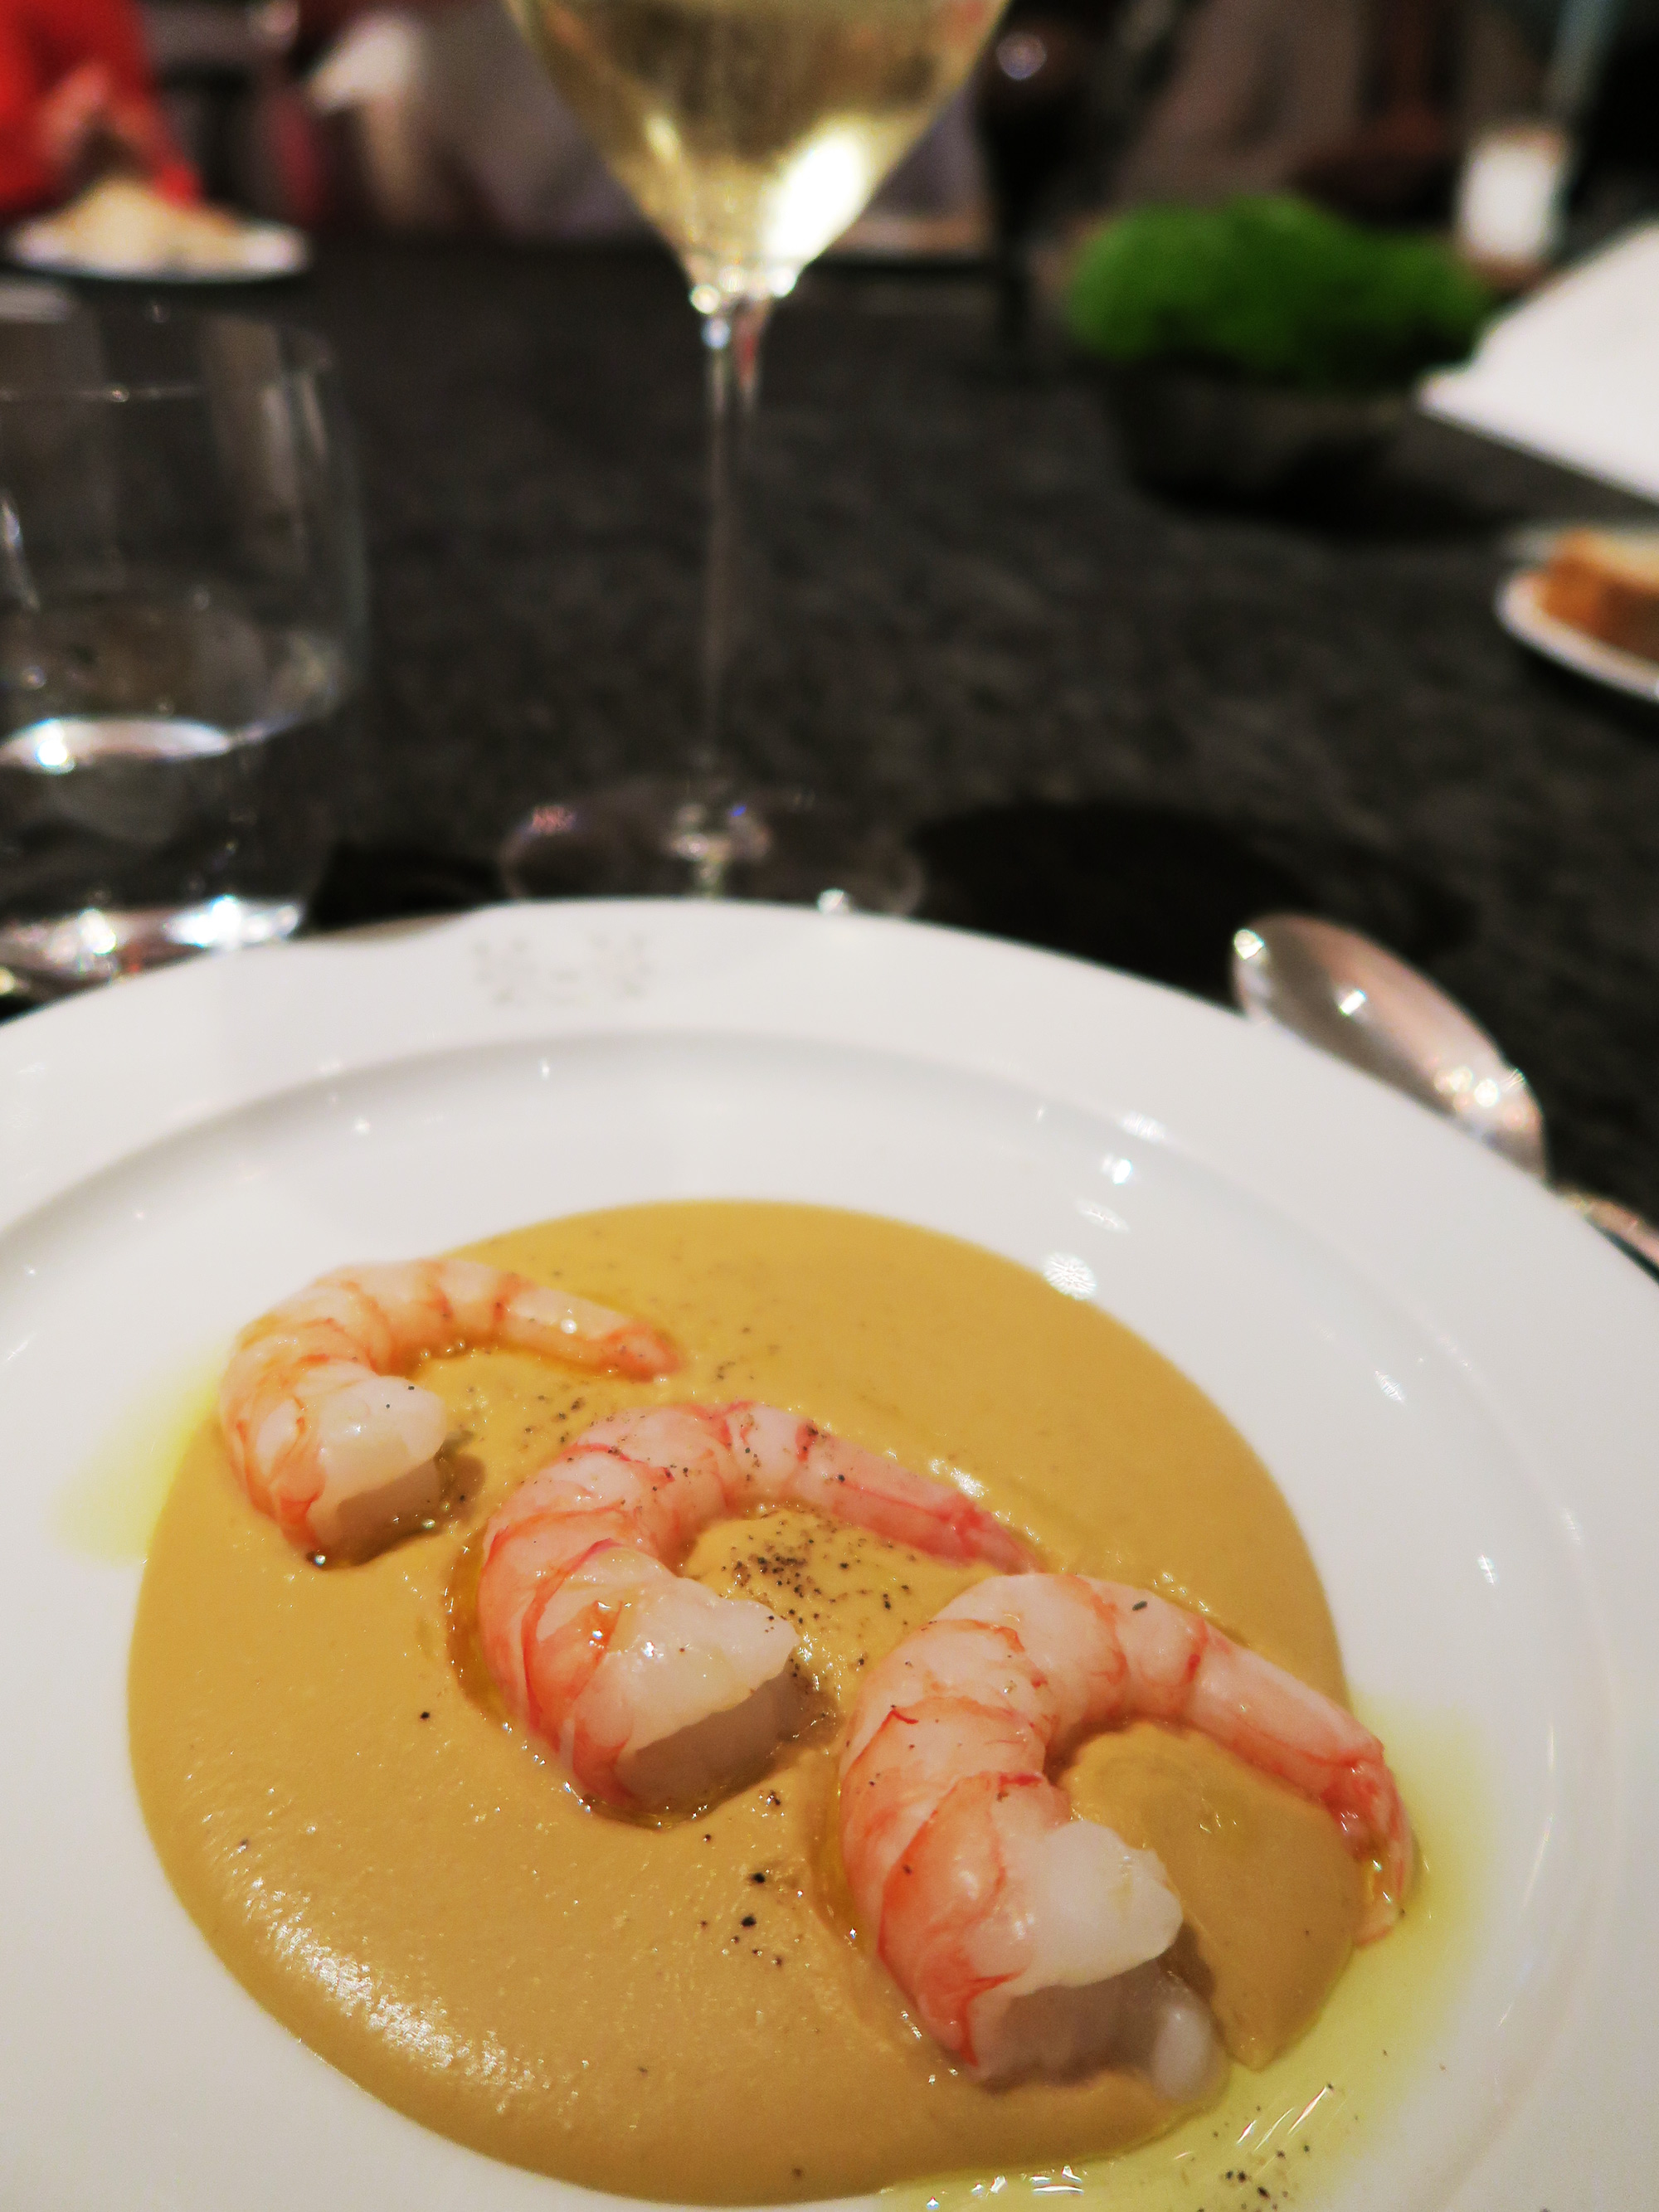 Gamberi e nocciola - chef Matteo Baronetto | ©foto Sandra Longinotti